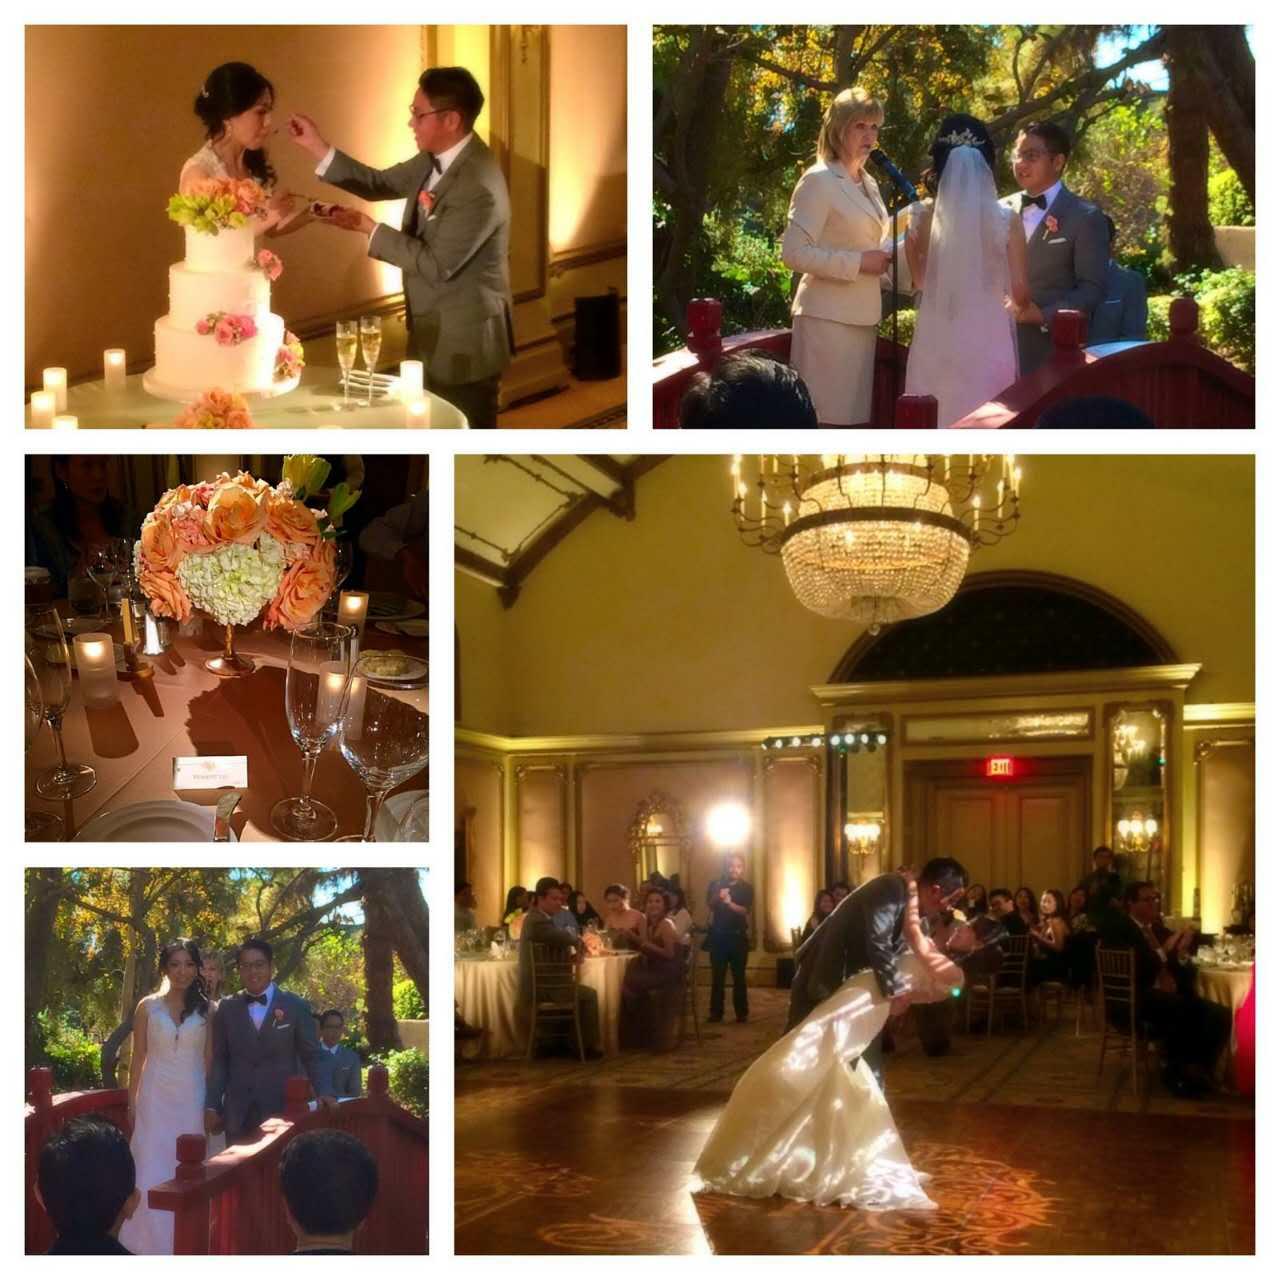 Mary and Chris' wedding '15